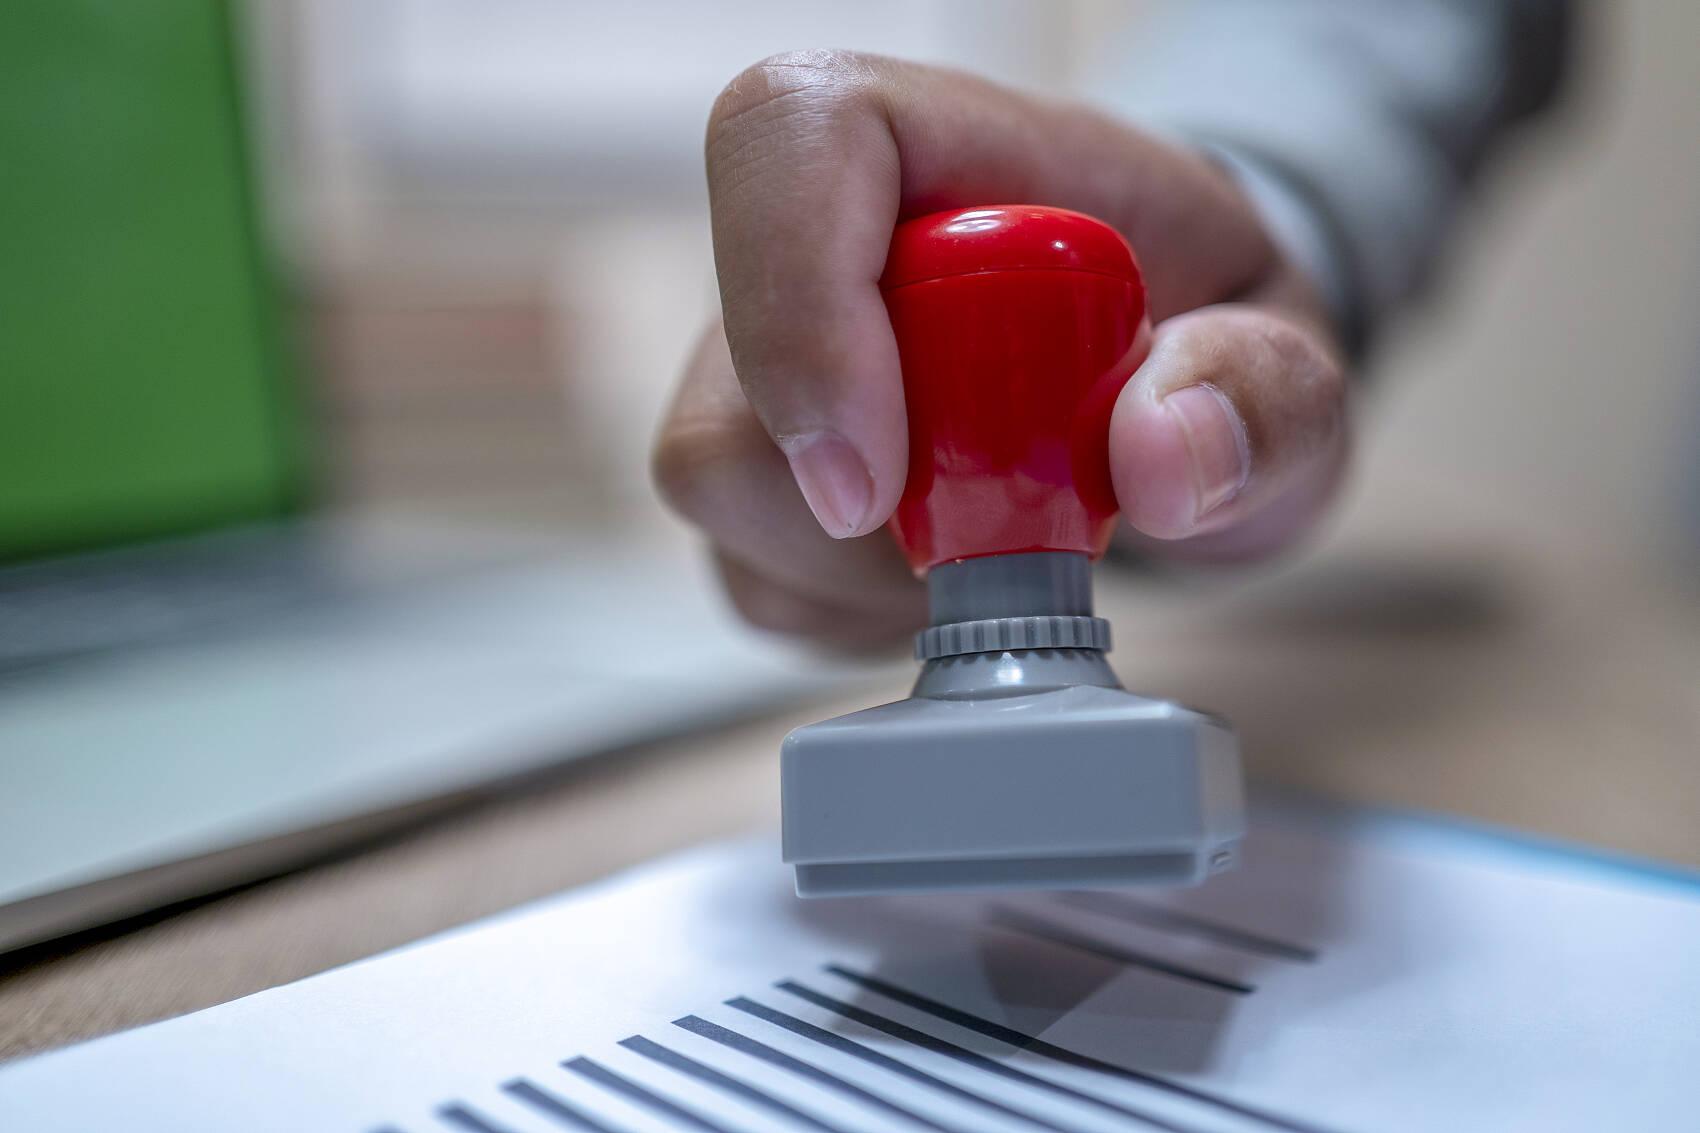 11月1日起施行,山东大幅下调房产、债权等公证服务收费标准